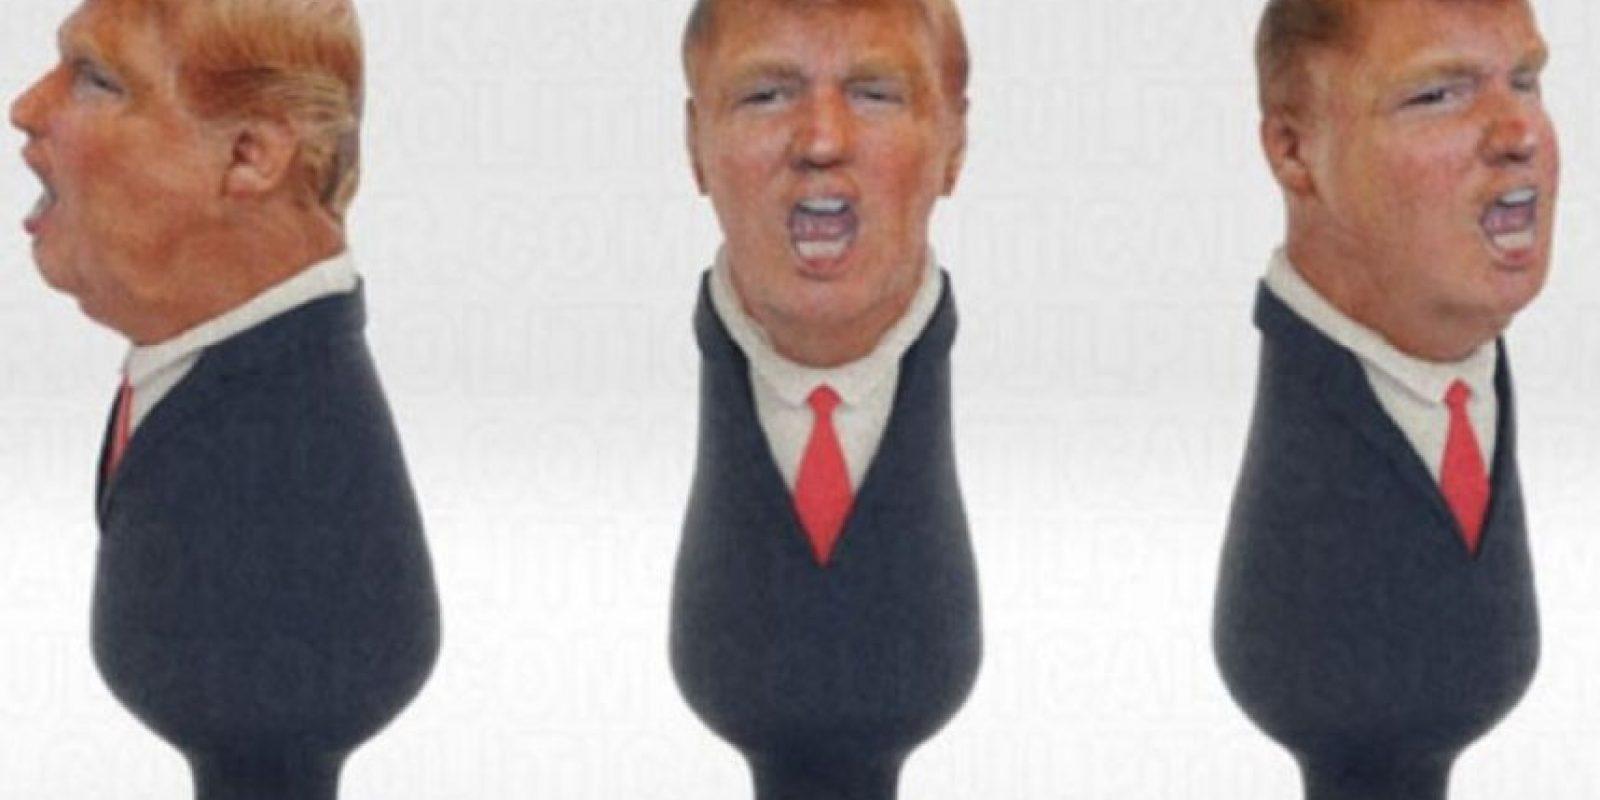 """""""Normalmente suelo hacer plugs de dictadores homófobos y otros políticos. Sin embargo, cuando oí las declaraciones de Trump sobre los mexicanos estaba muy enojado (…) Nací y crecí en México y me trasladé cuando tenía 11 años, así que no apruebo lo que Donald Trump mencionó, pues pertenezco a la clase trabajadora de Estados Unidos"""", mencionó Sosa en la página de venta de """"Trumpug. Foto:Twitter: @politicalsculpt"""